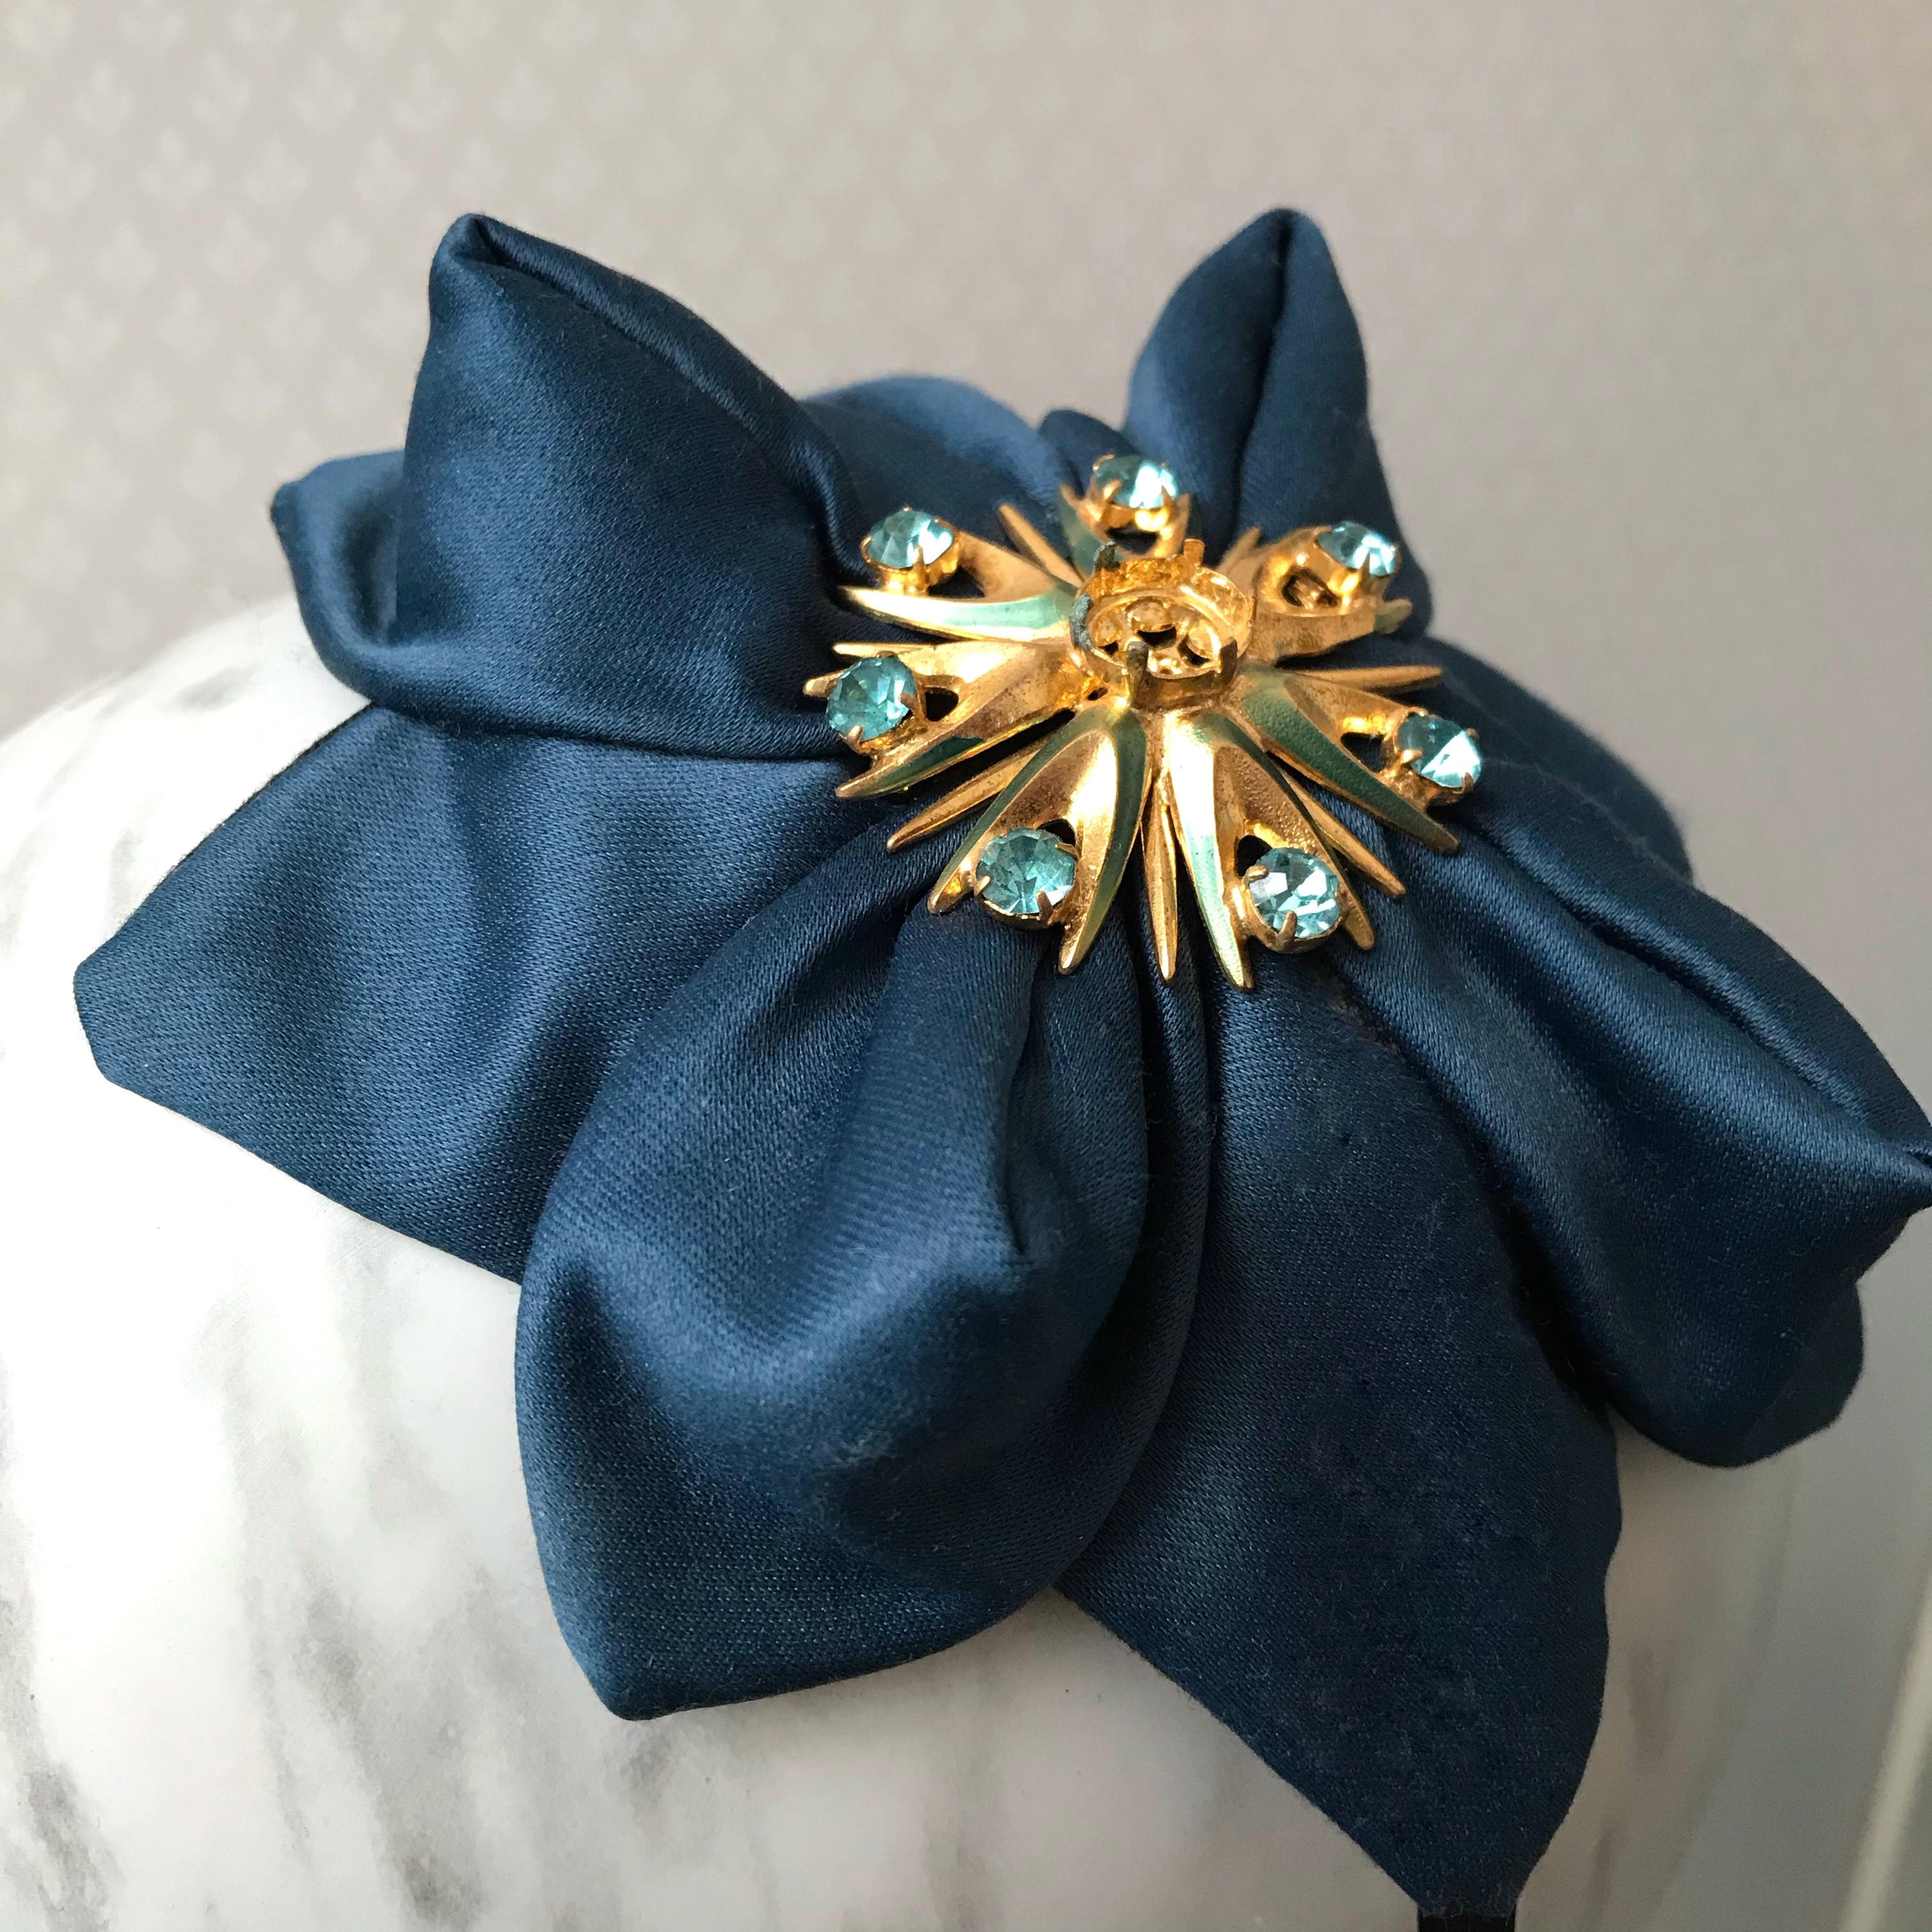 Tyra Therman: Origami-panta, sininen satiini kultakoristeella, ALE